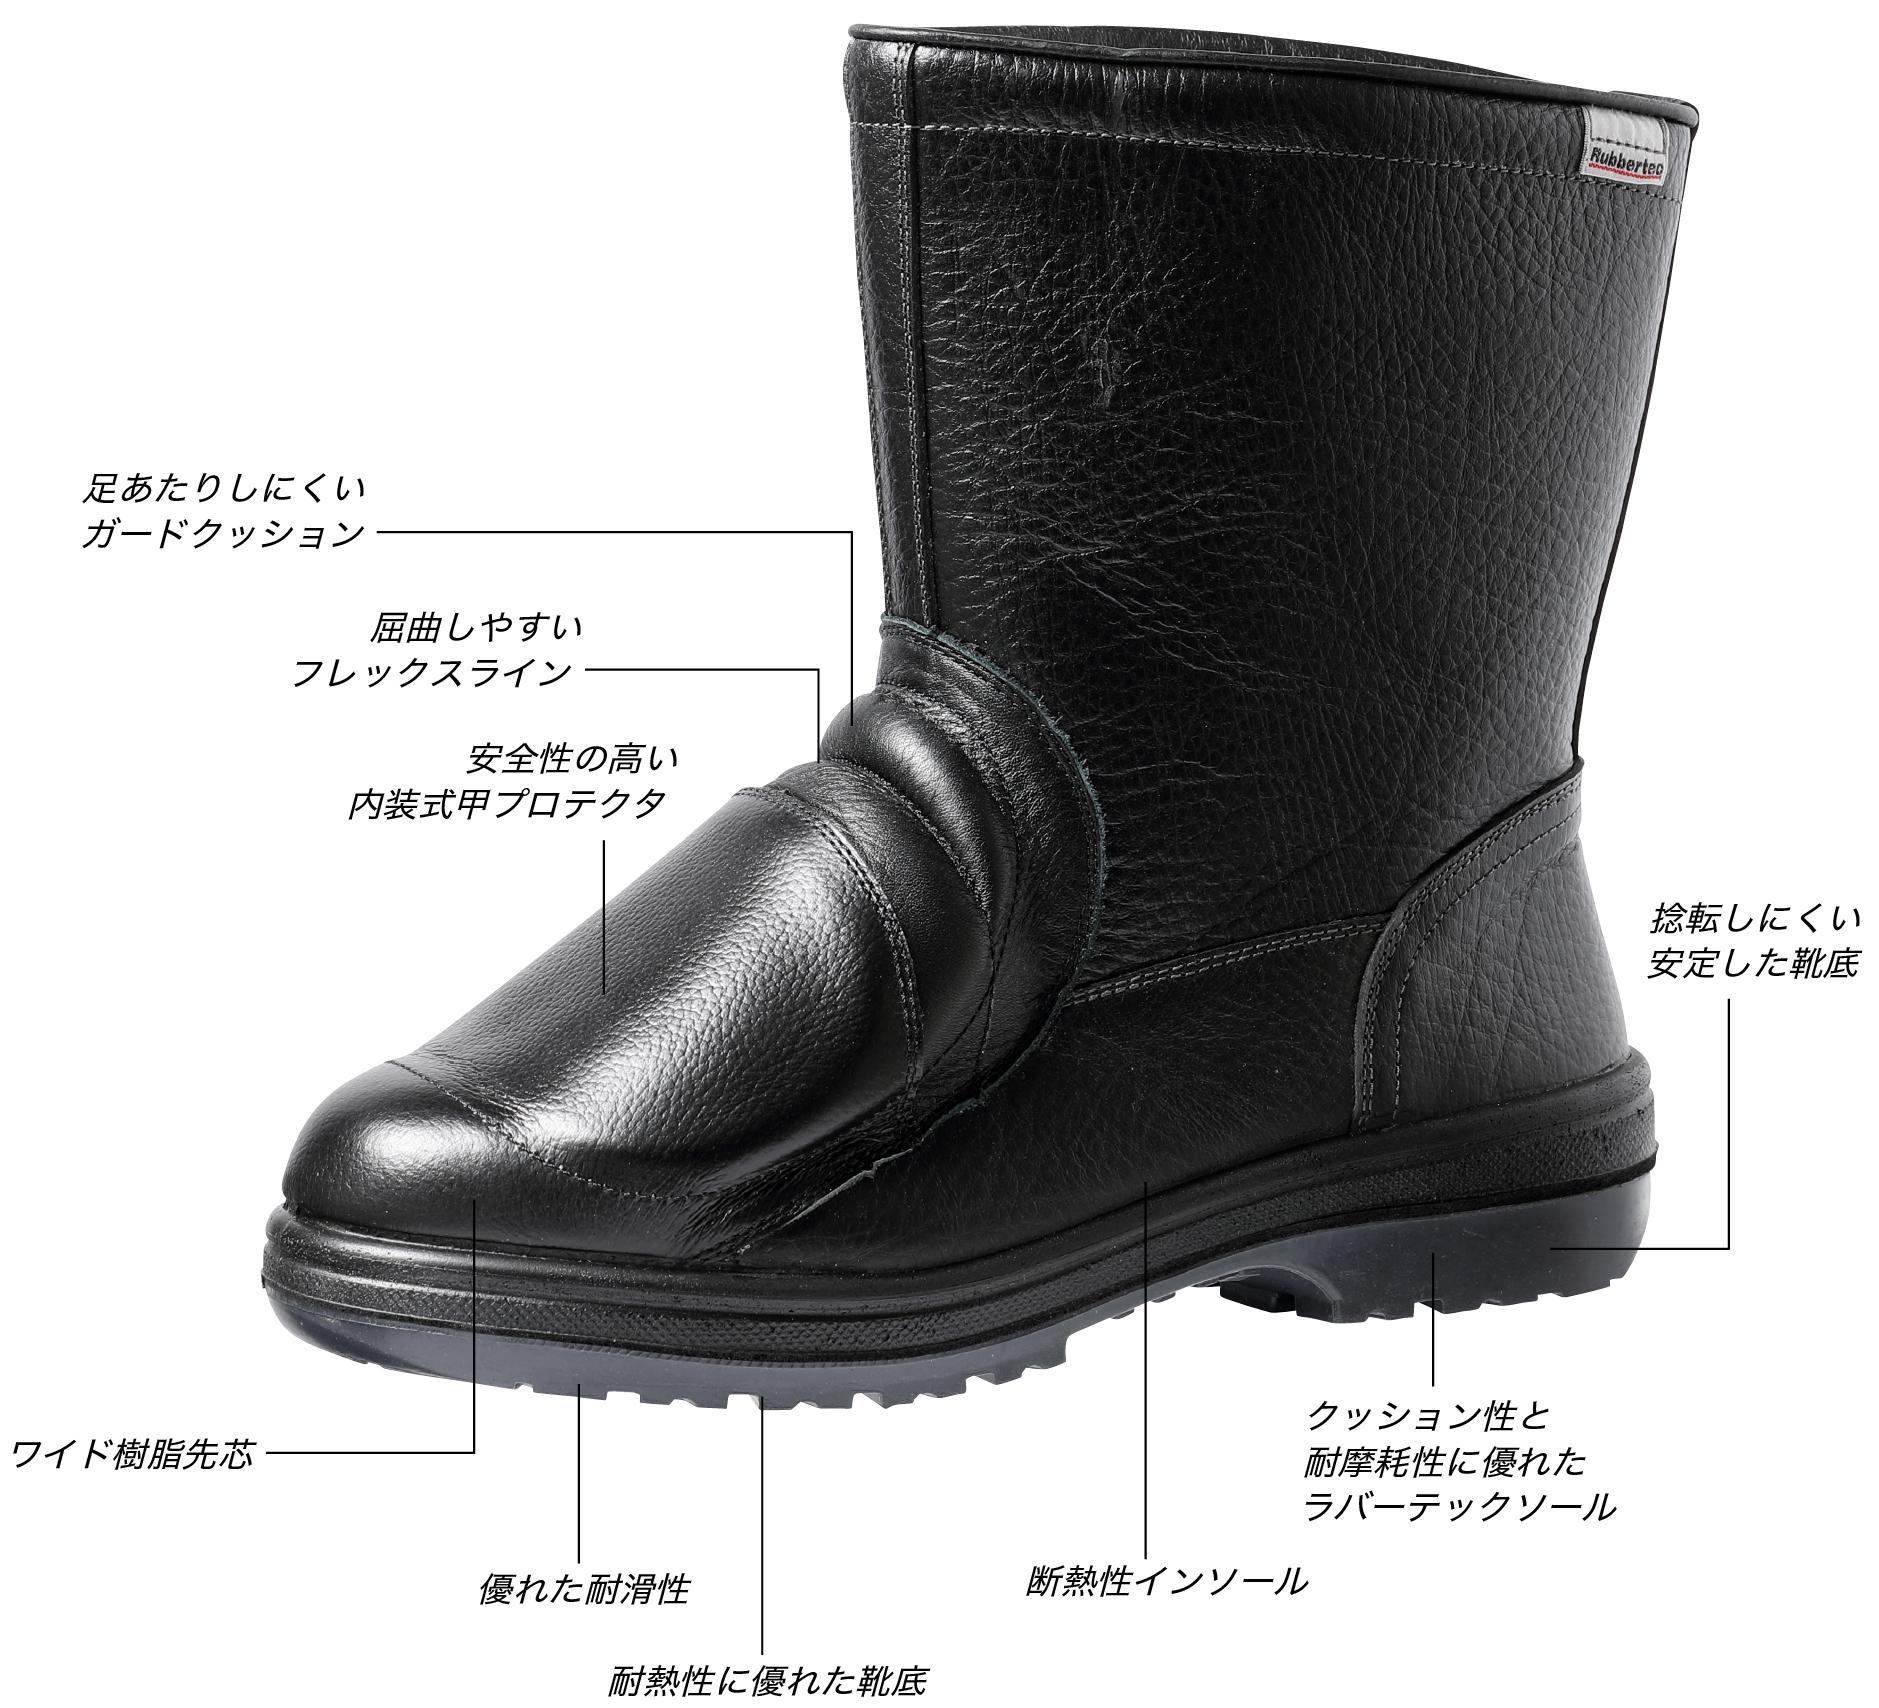 内装式の甲プロテクタを採用した耐熱半長靴安全靴【RT940甲プロ内装N】新発売